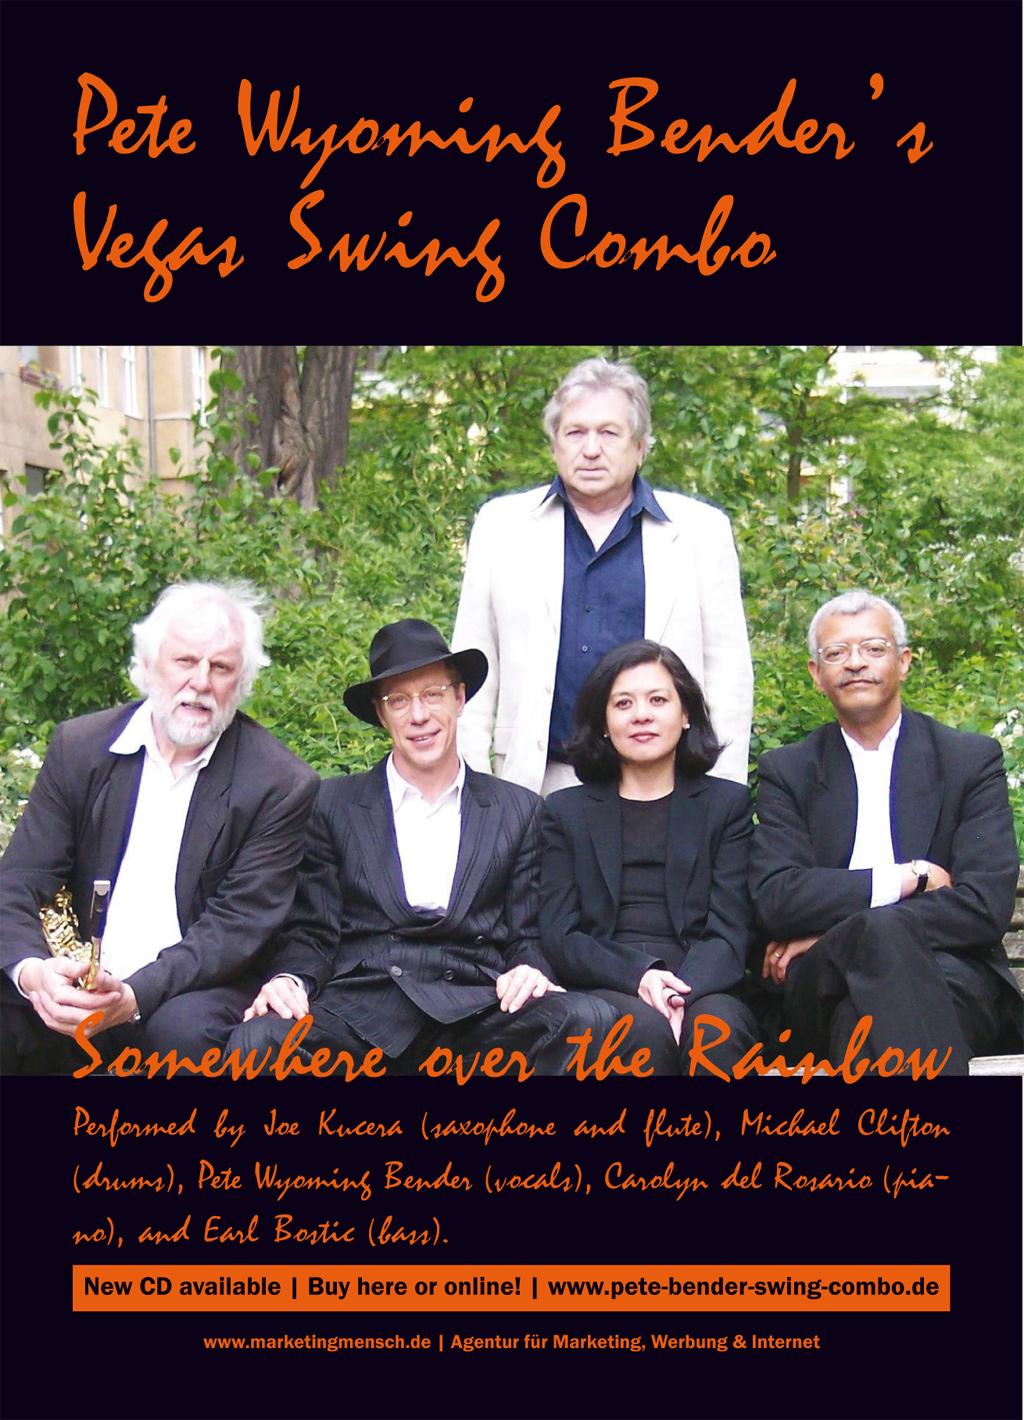 Flyer und Plakat Pete Wyoming Bender's Vegas Swing Combo